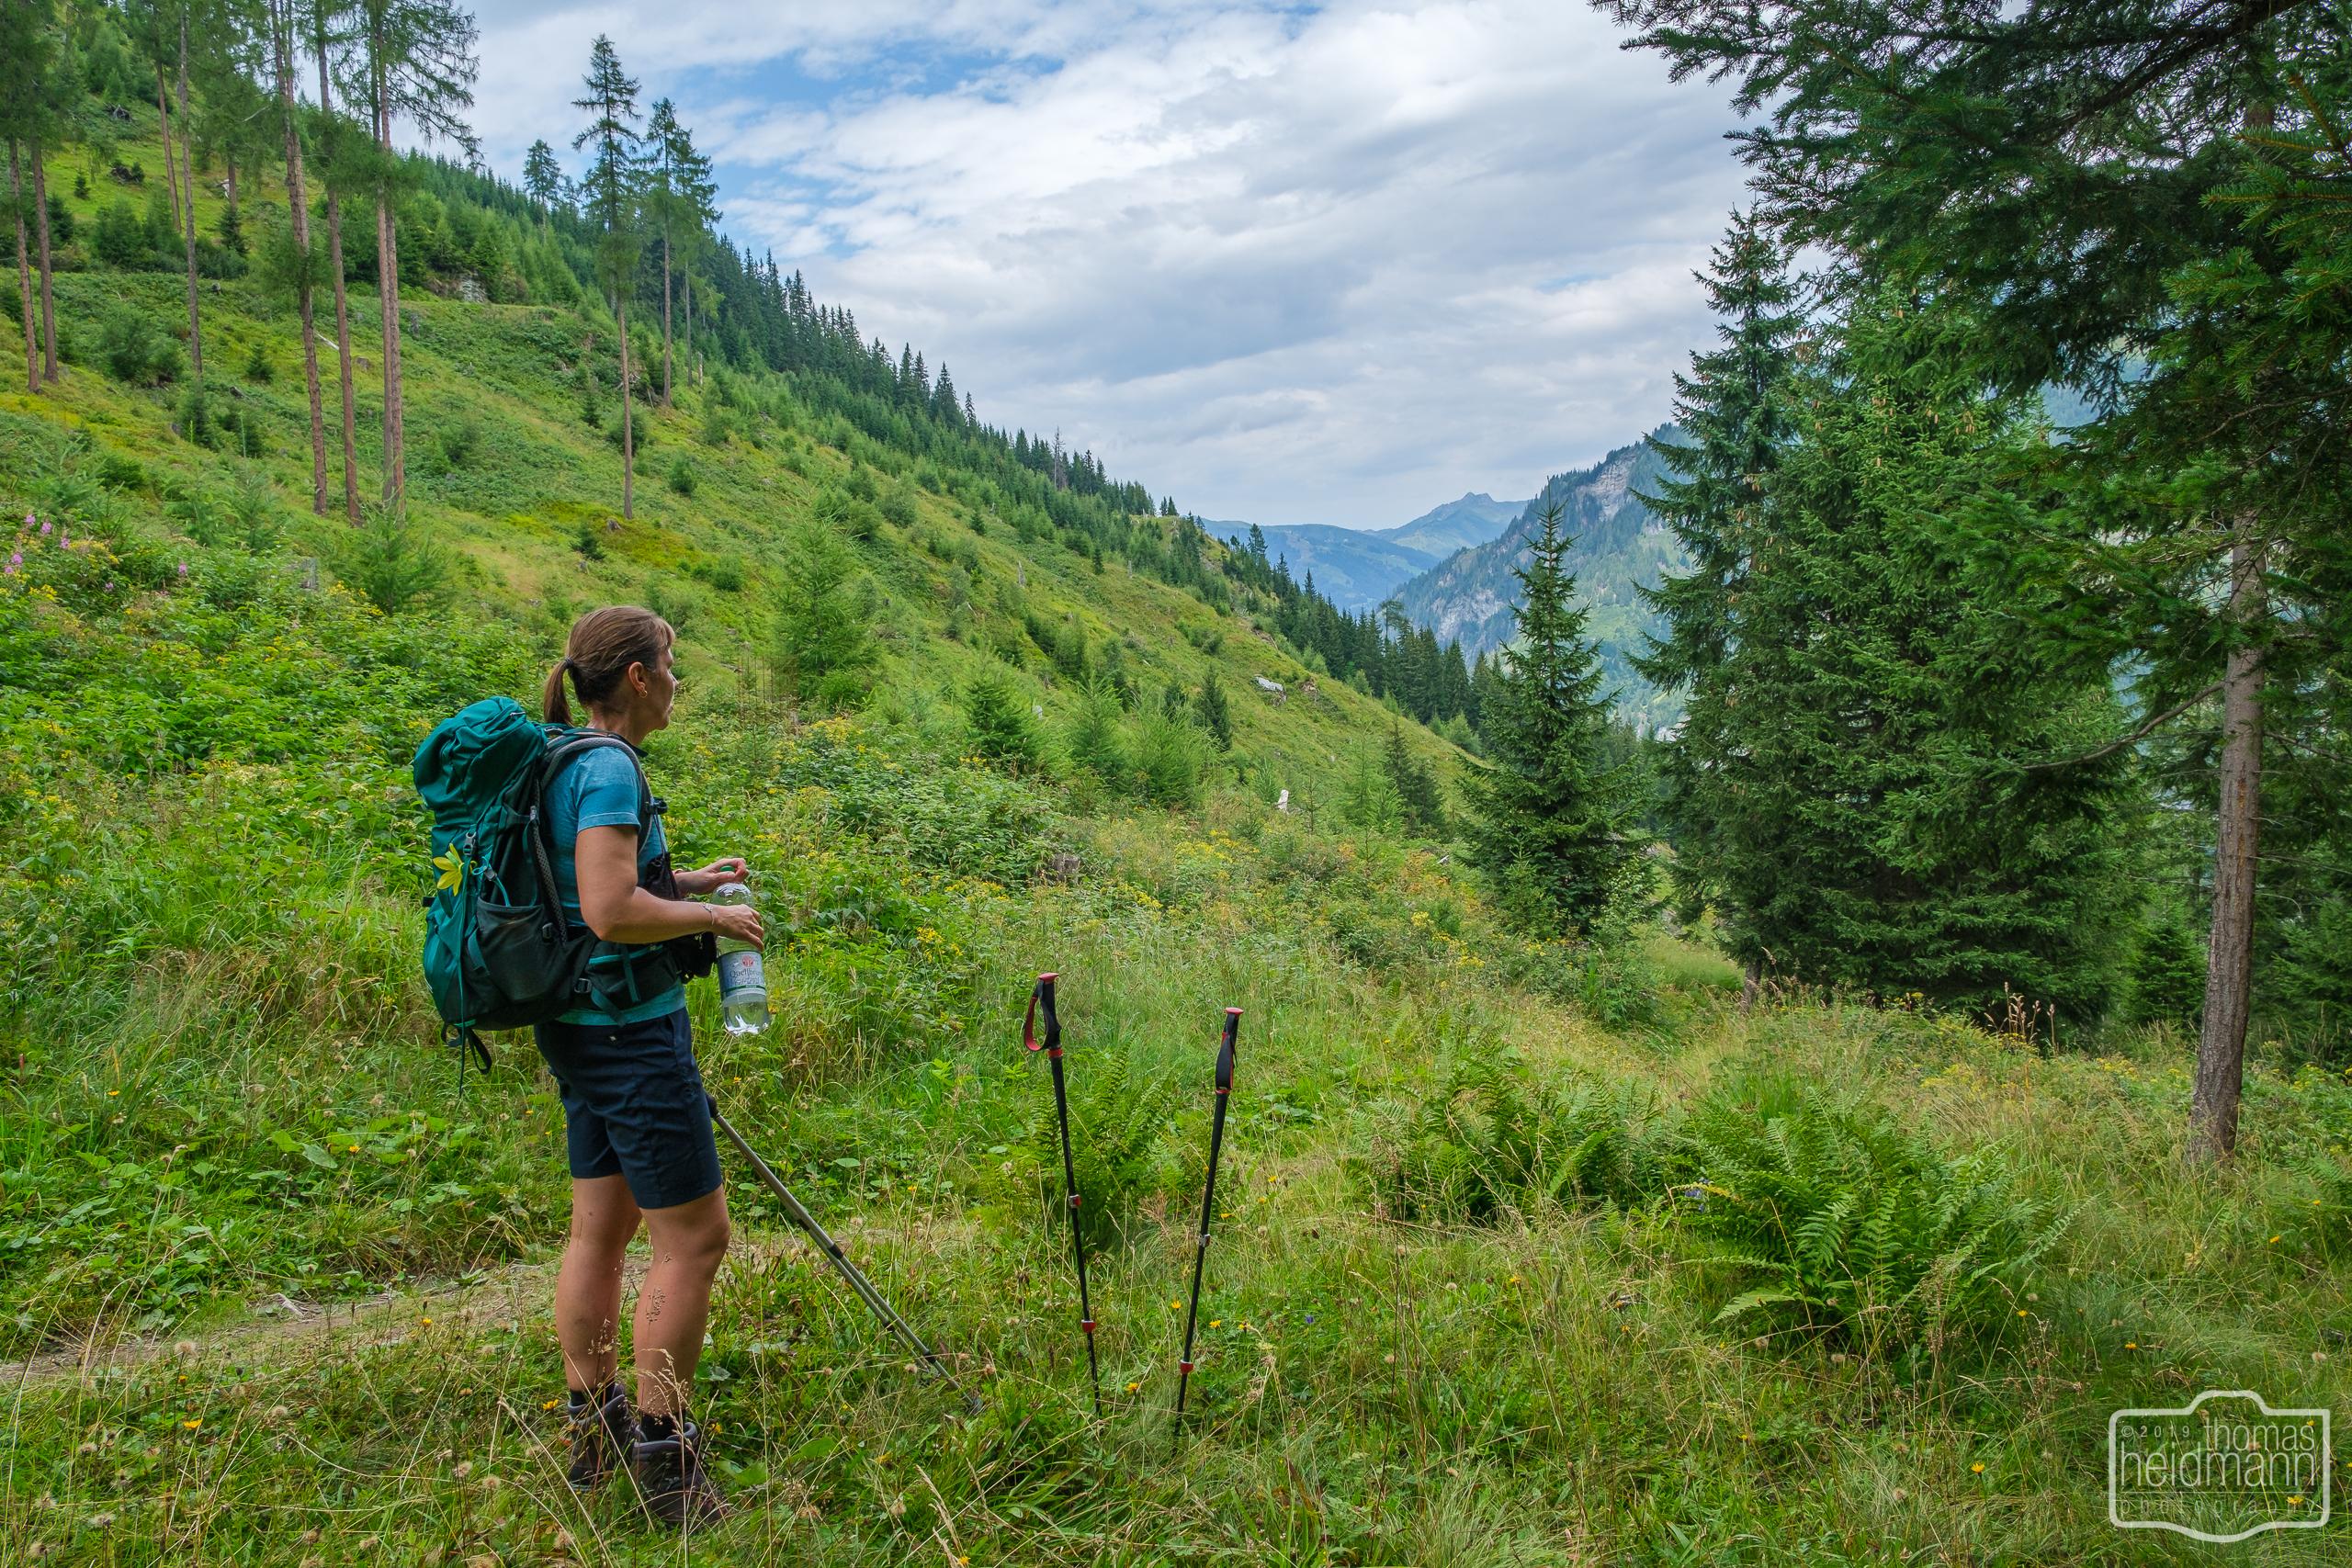 Wanderung zur Hirschgrubenalm und Modereggalm - Wanderpause